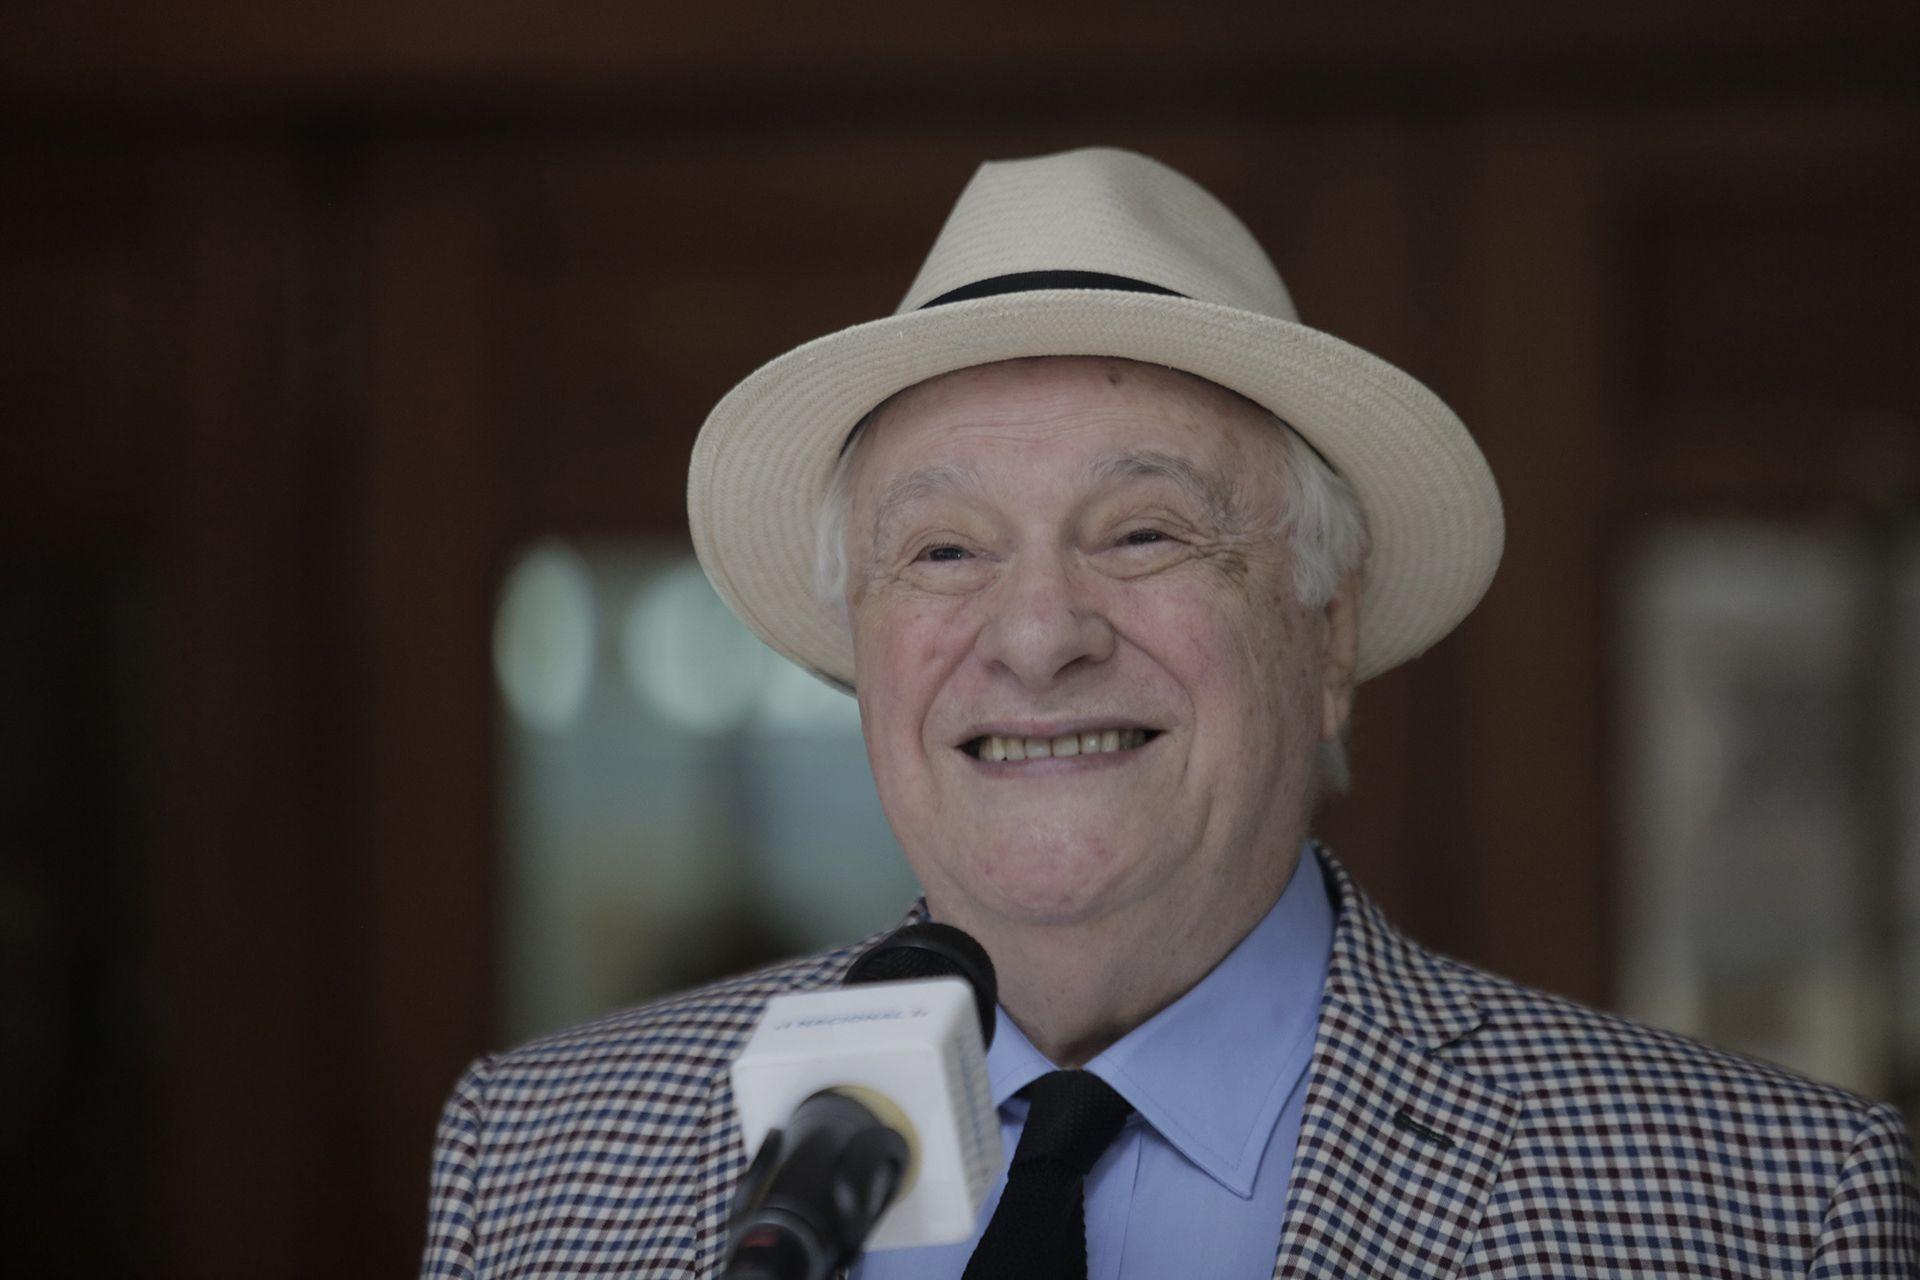 Héctor Larrea, prócer de la radio, celebró los 100 años del medio y anunció su retiro